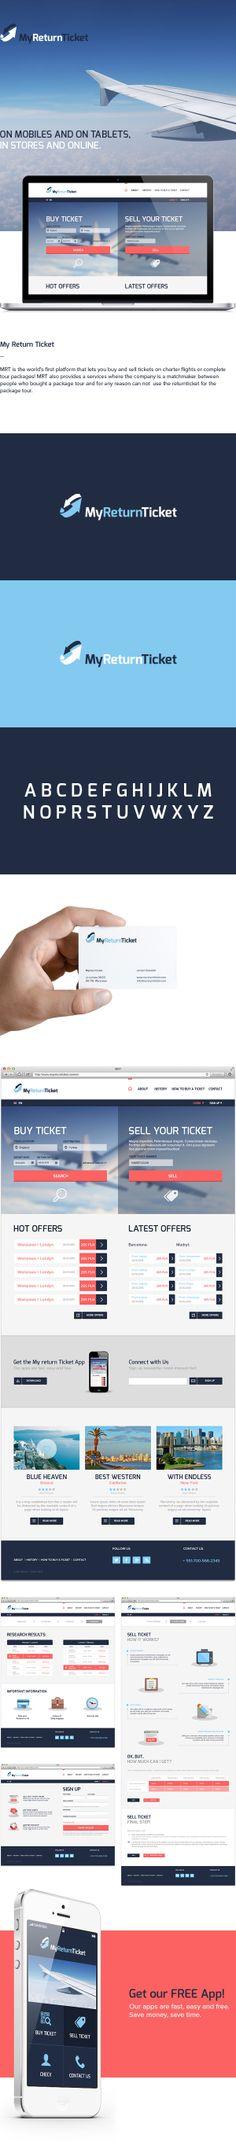 My Return Ticket by KEJJO , via Behance